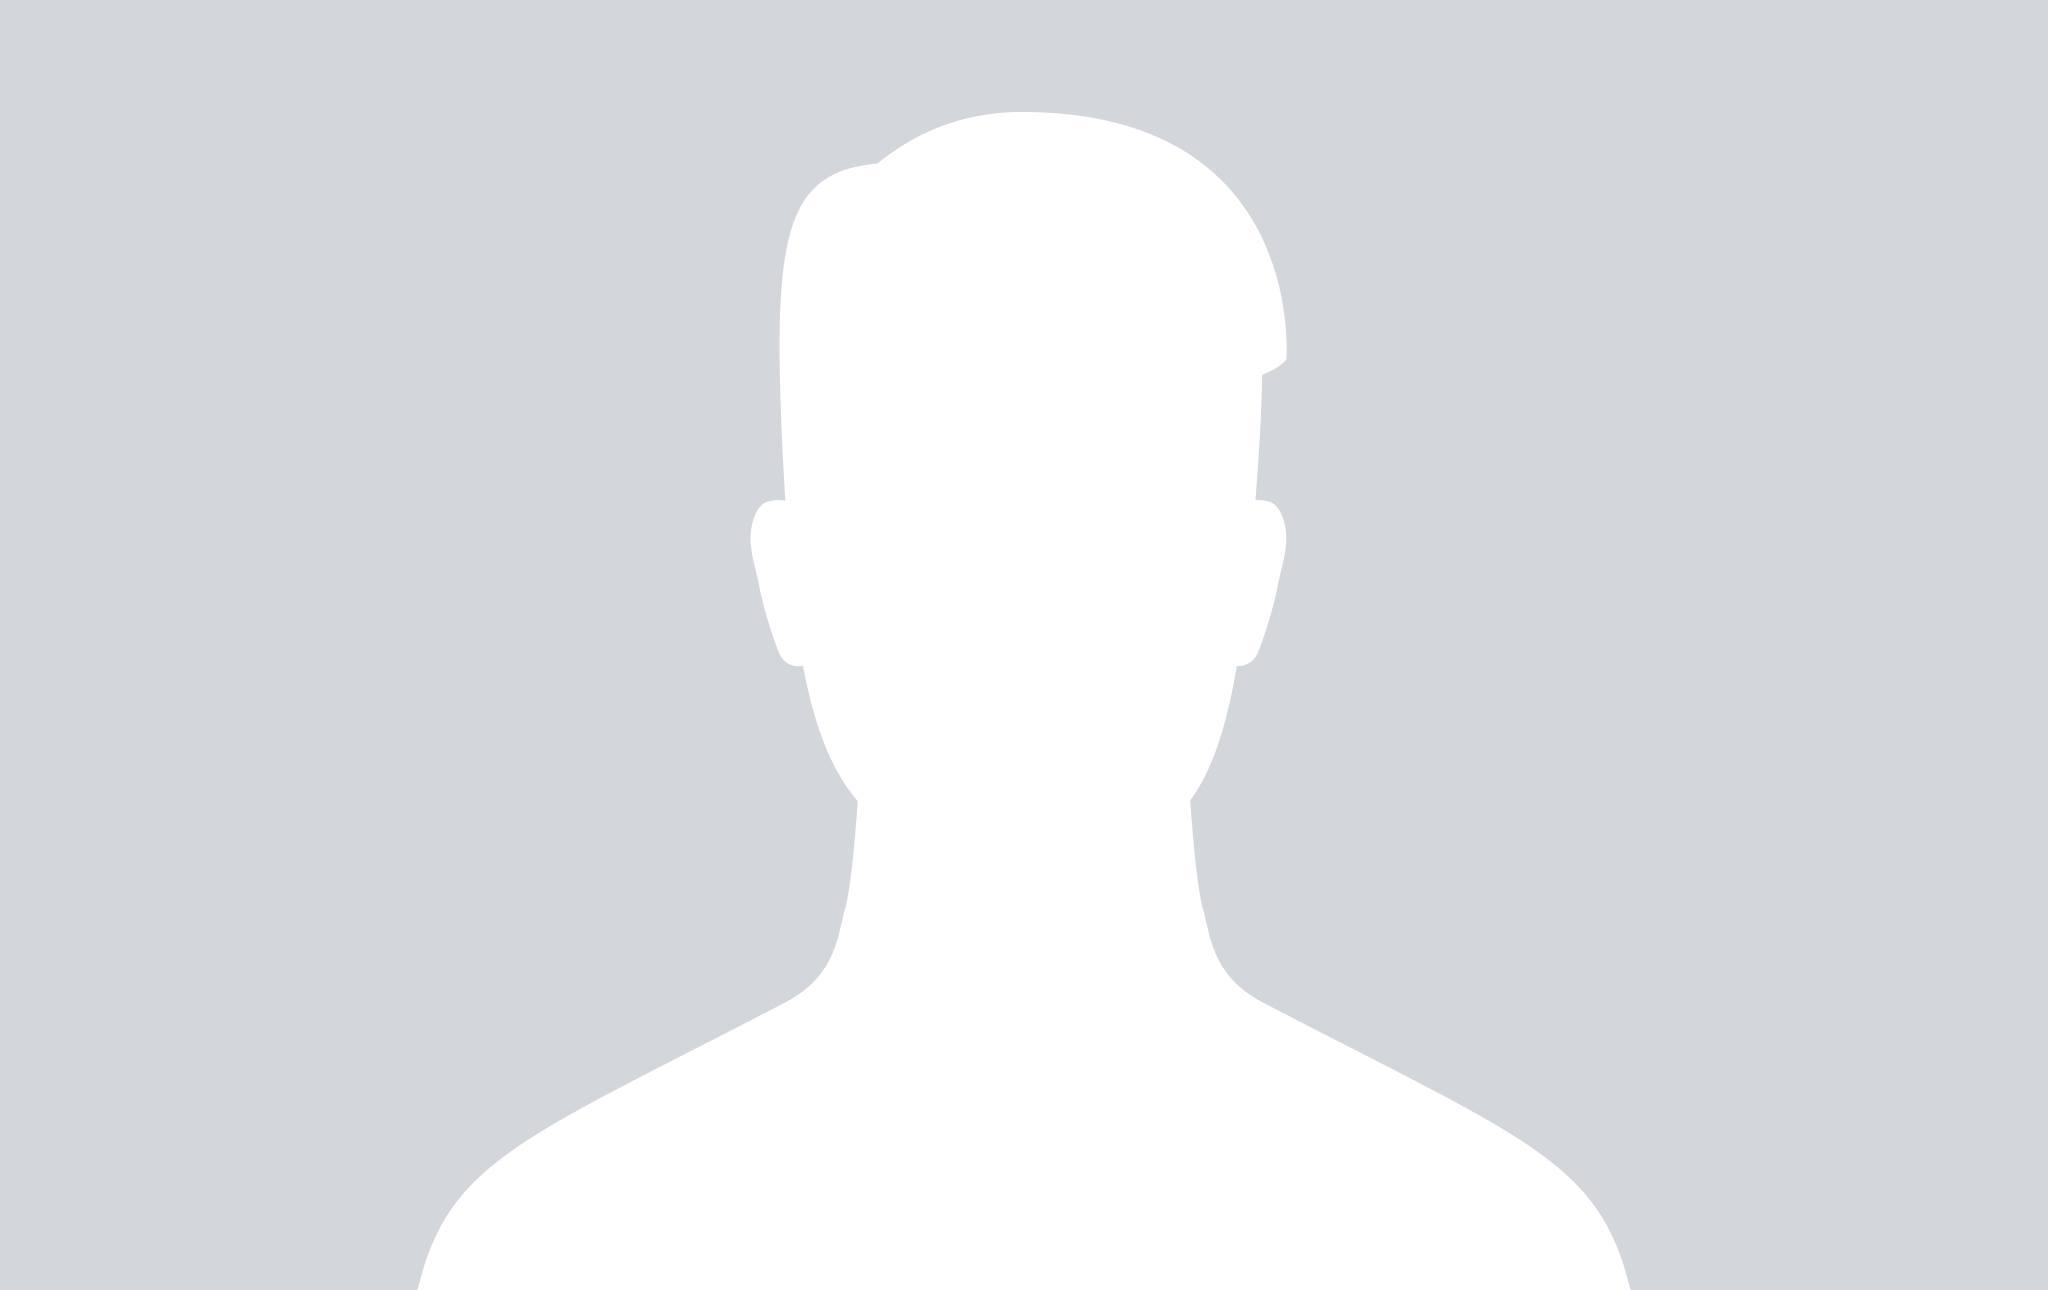 https://d2yht872mhrlra.cloudfront.net/user/129101/user_129101.jpg